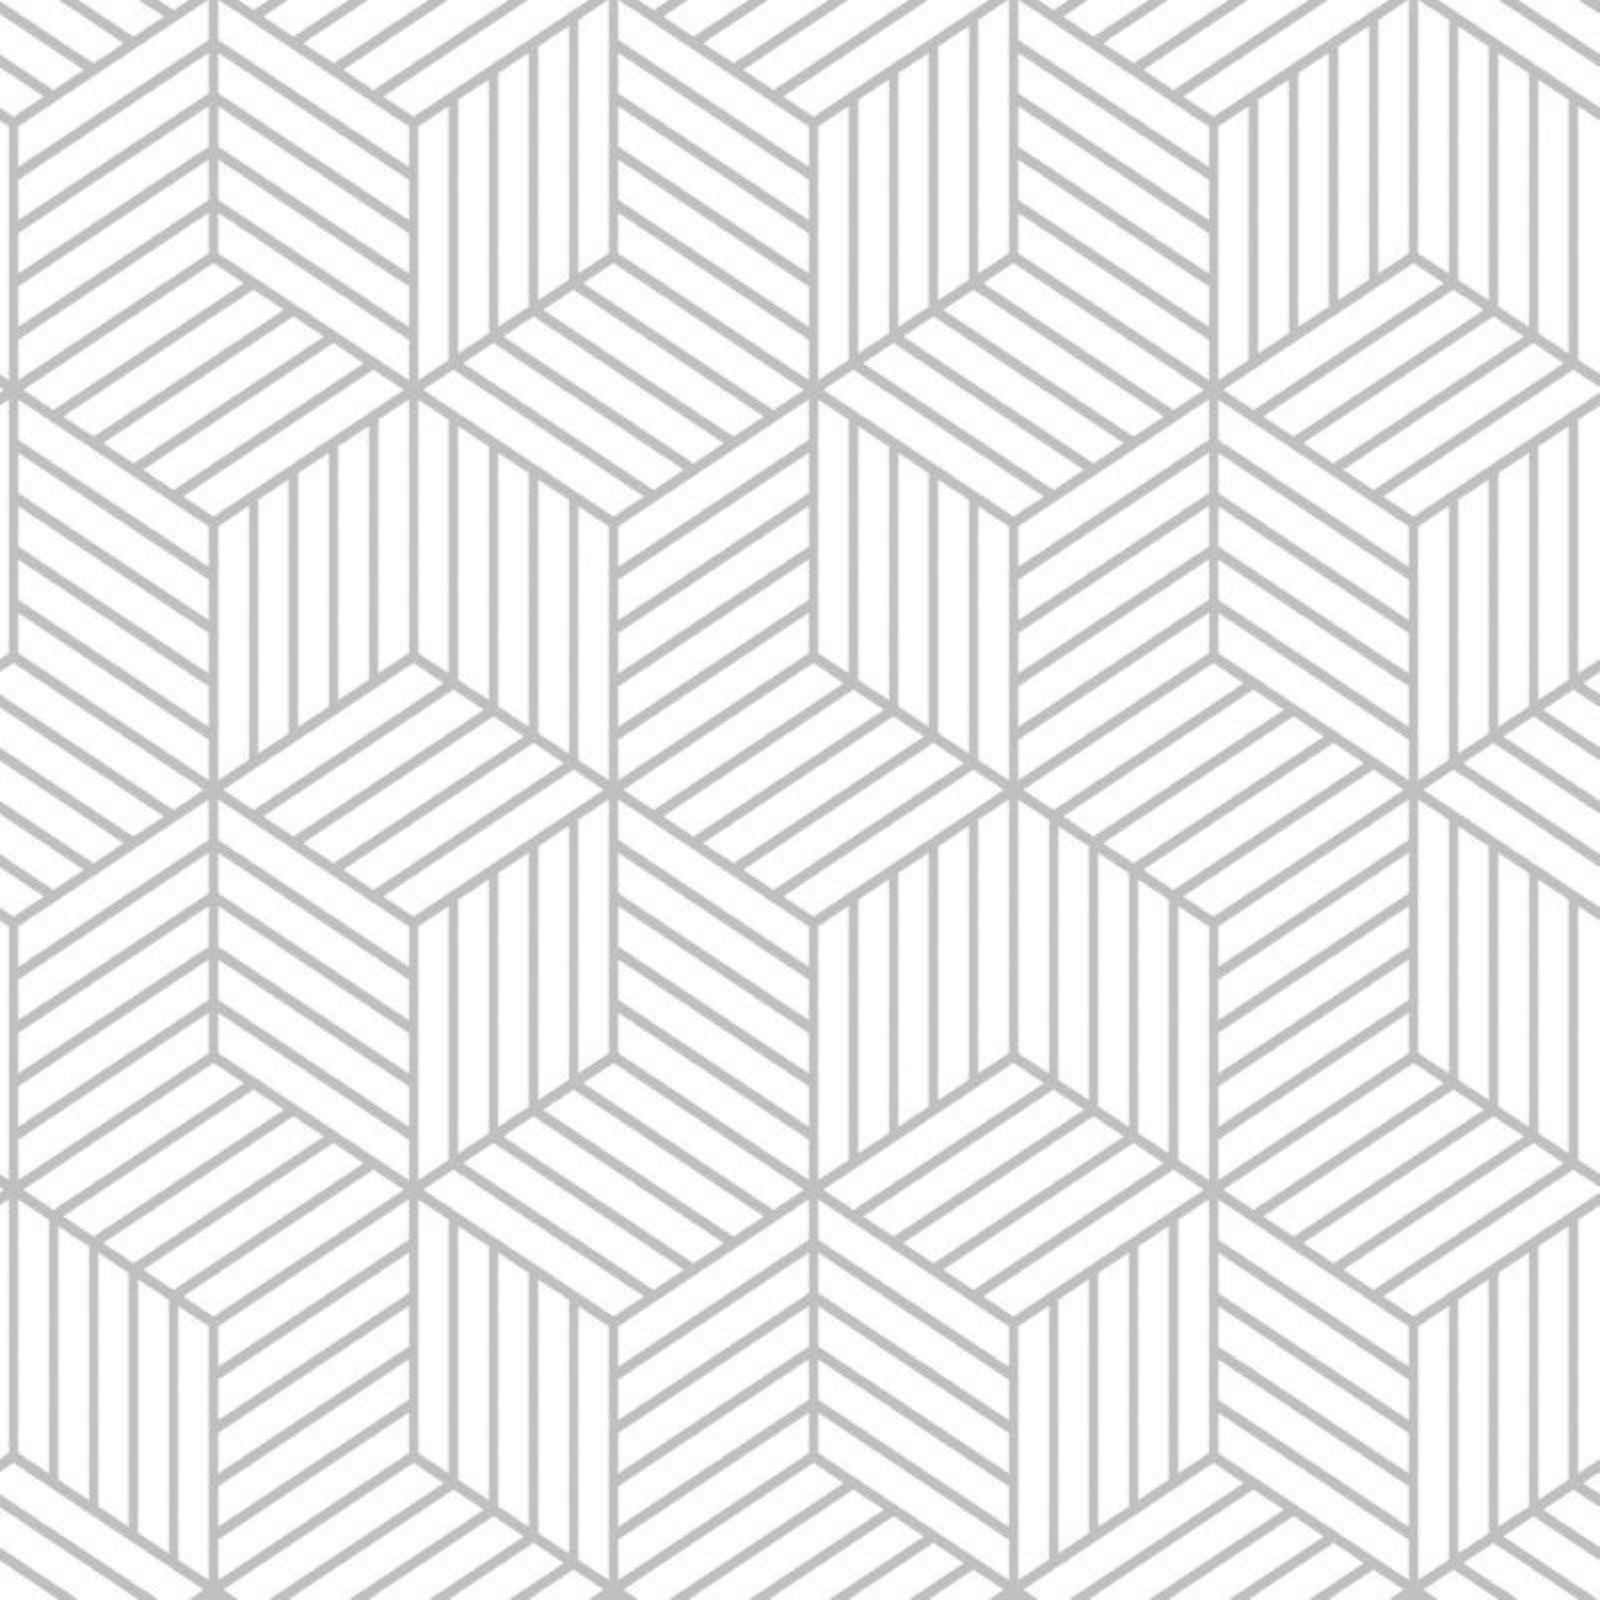 Roommates Striped Hexagon Peel And Stick Wallpaper Papel Pintado Decoracion De Unas Papel Decorativo